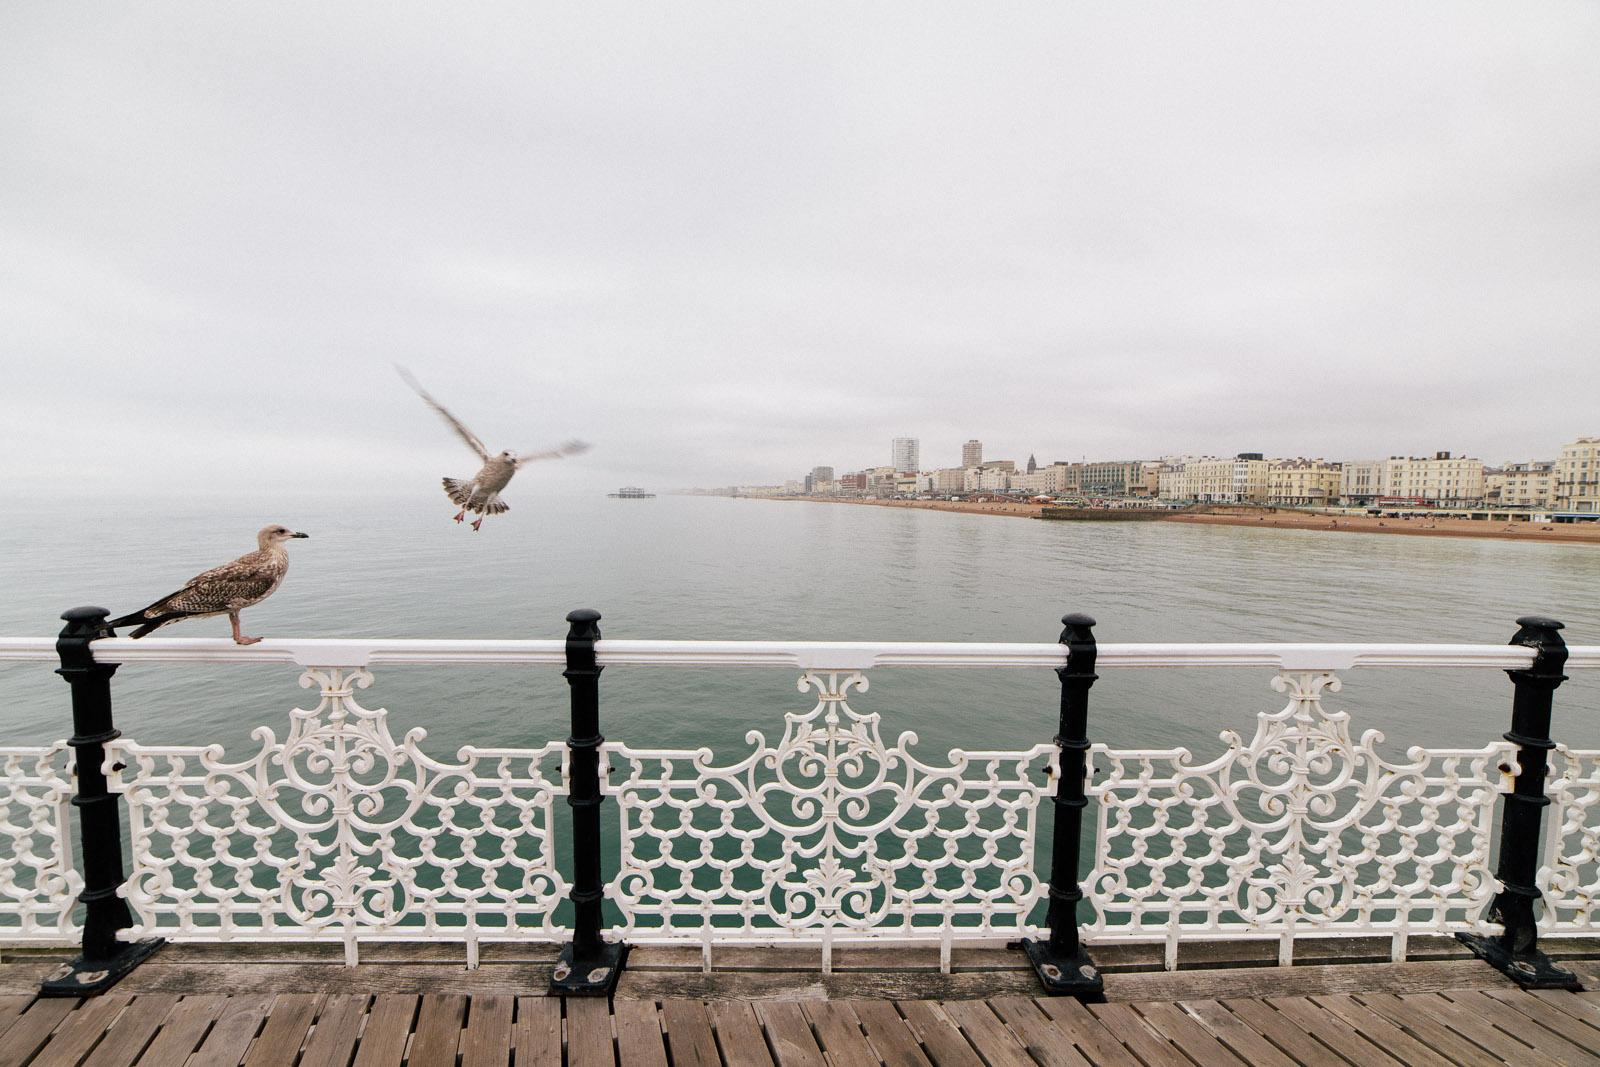 brighton-pier-seagulls